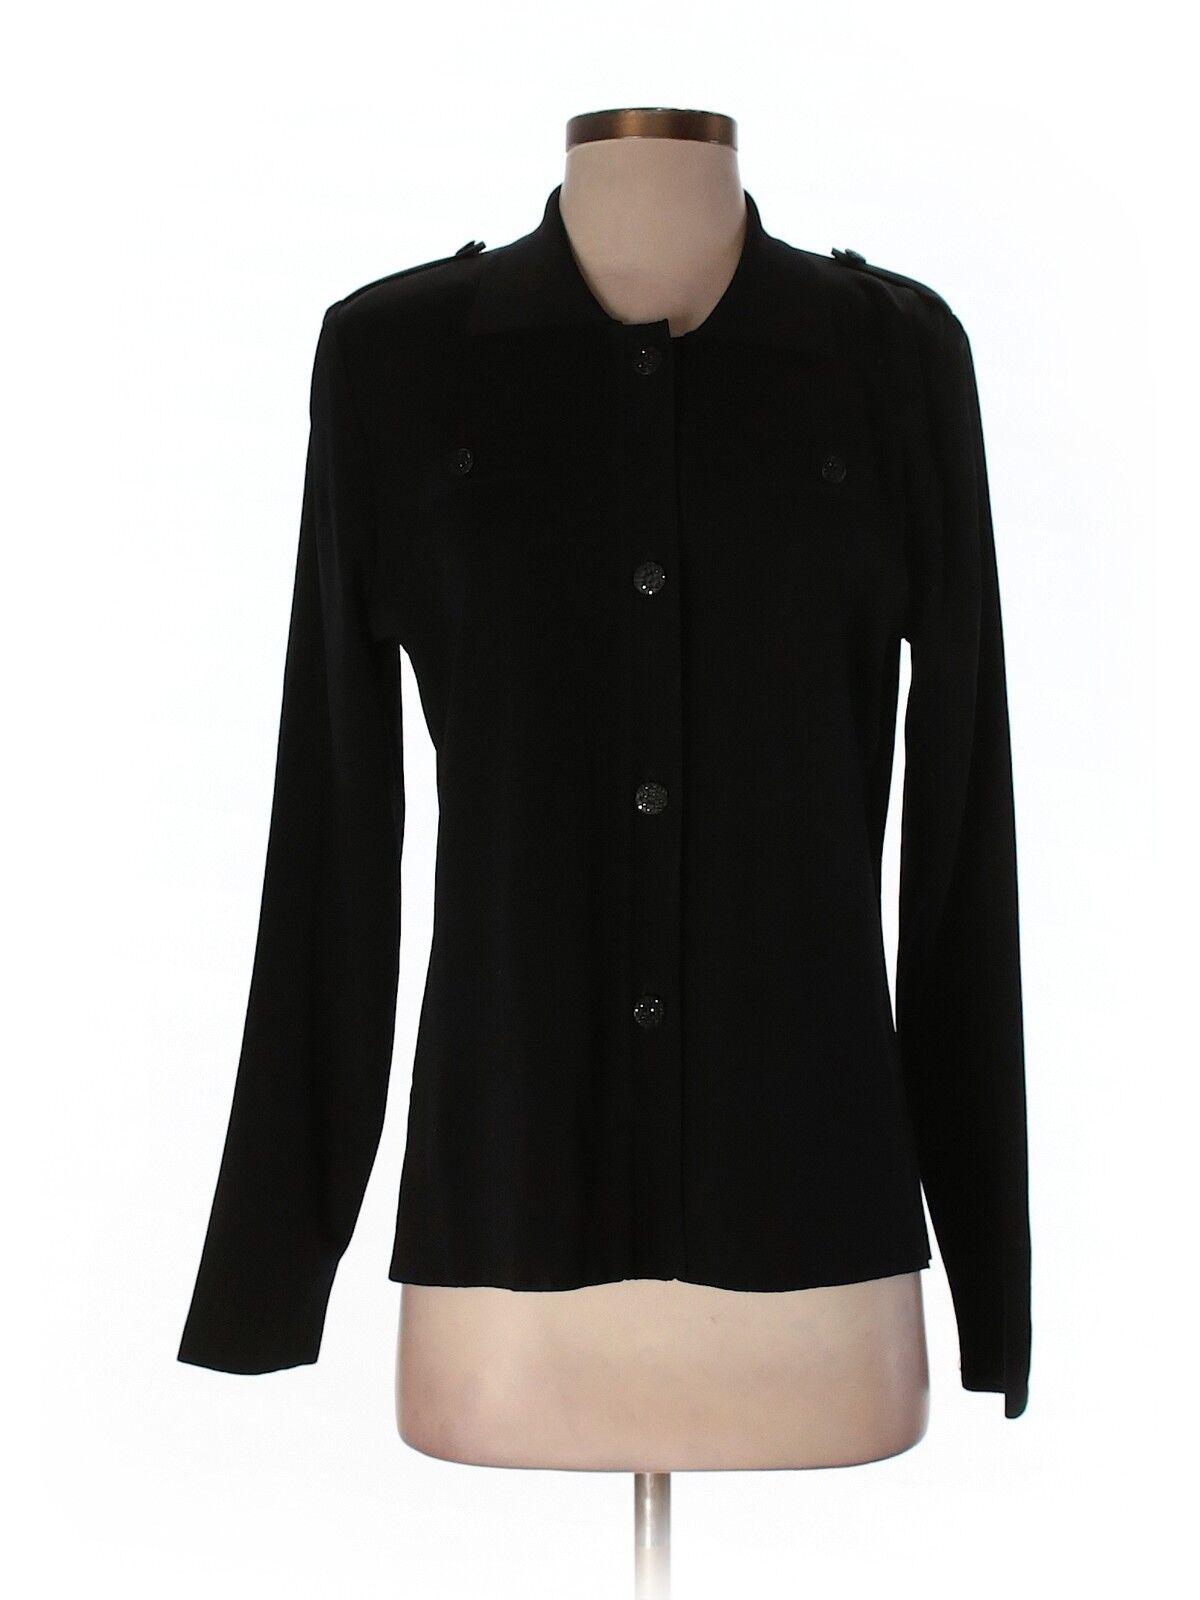 damen Exclusively Misook schwarz Button Front Jacket Größe S